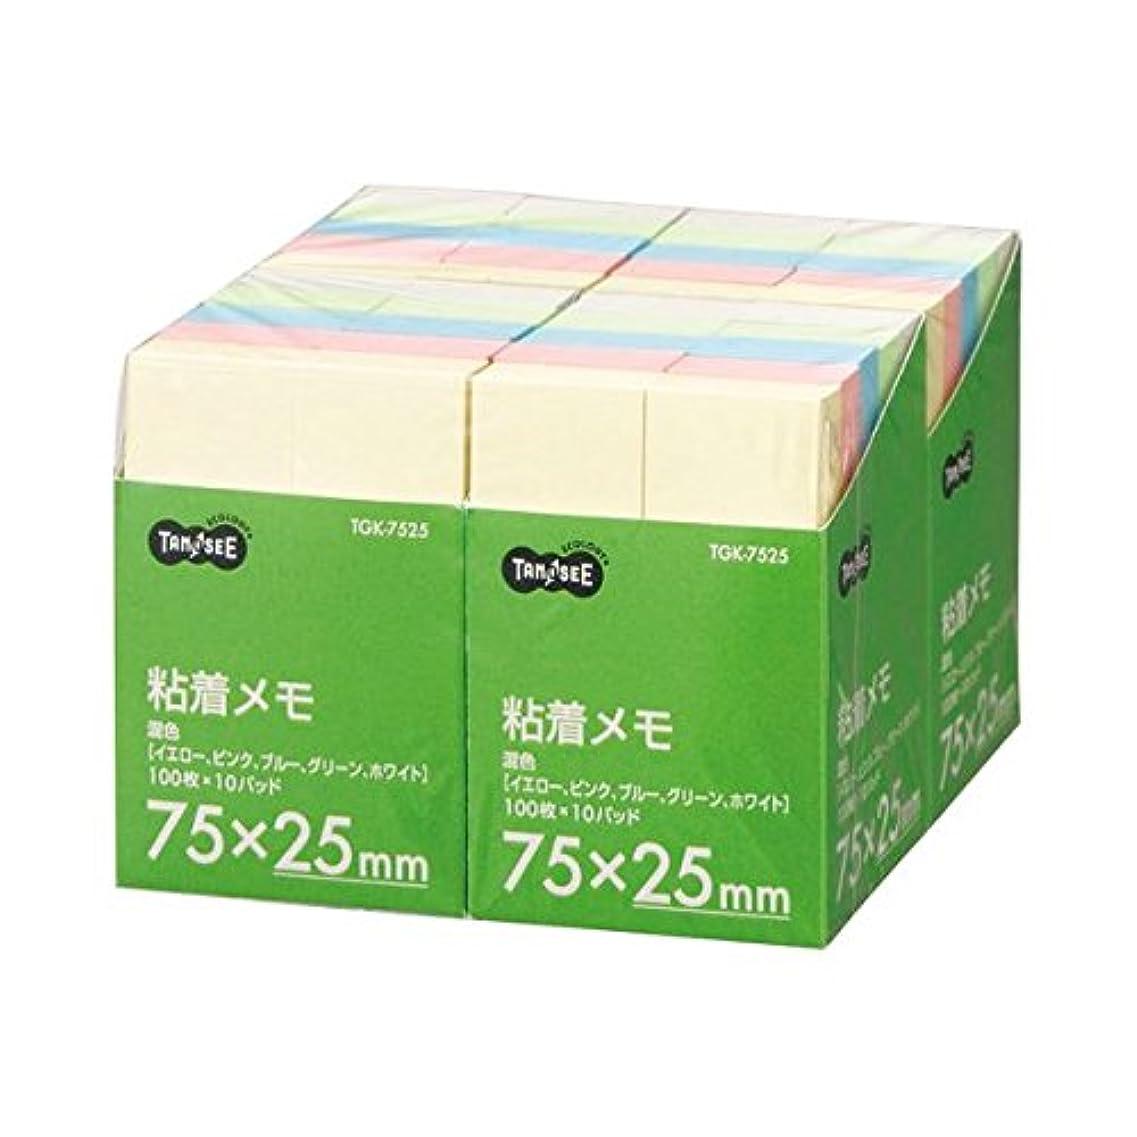 正確な垂直愛国的なTANOSEE 粘着メモ ボリュームパック 75×25mm 1セット (40冊:10冊×4パック) ×3セット